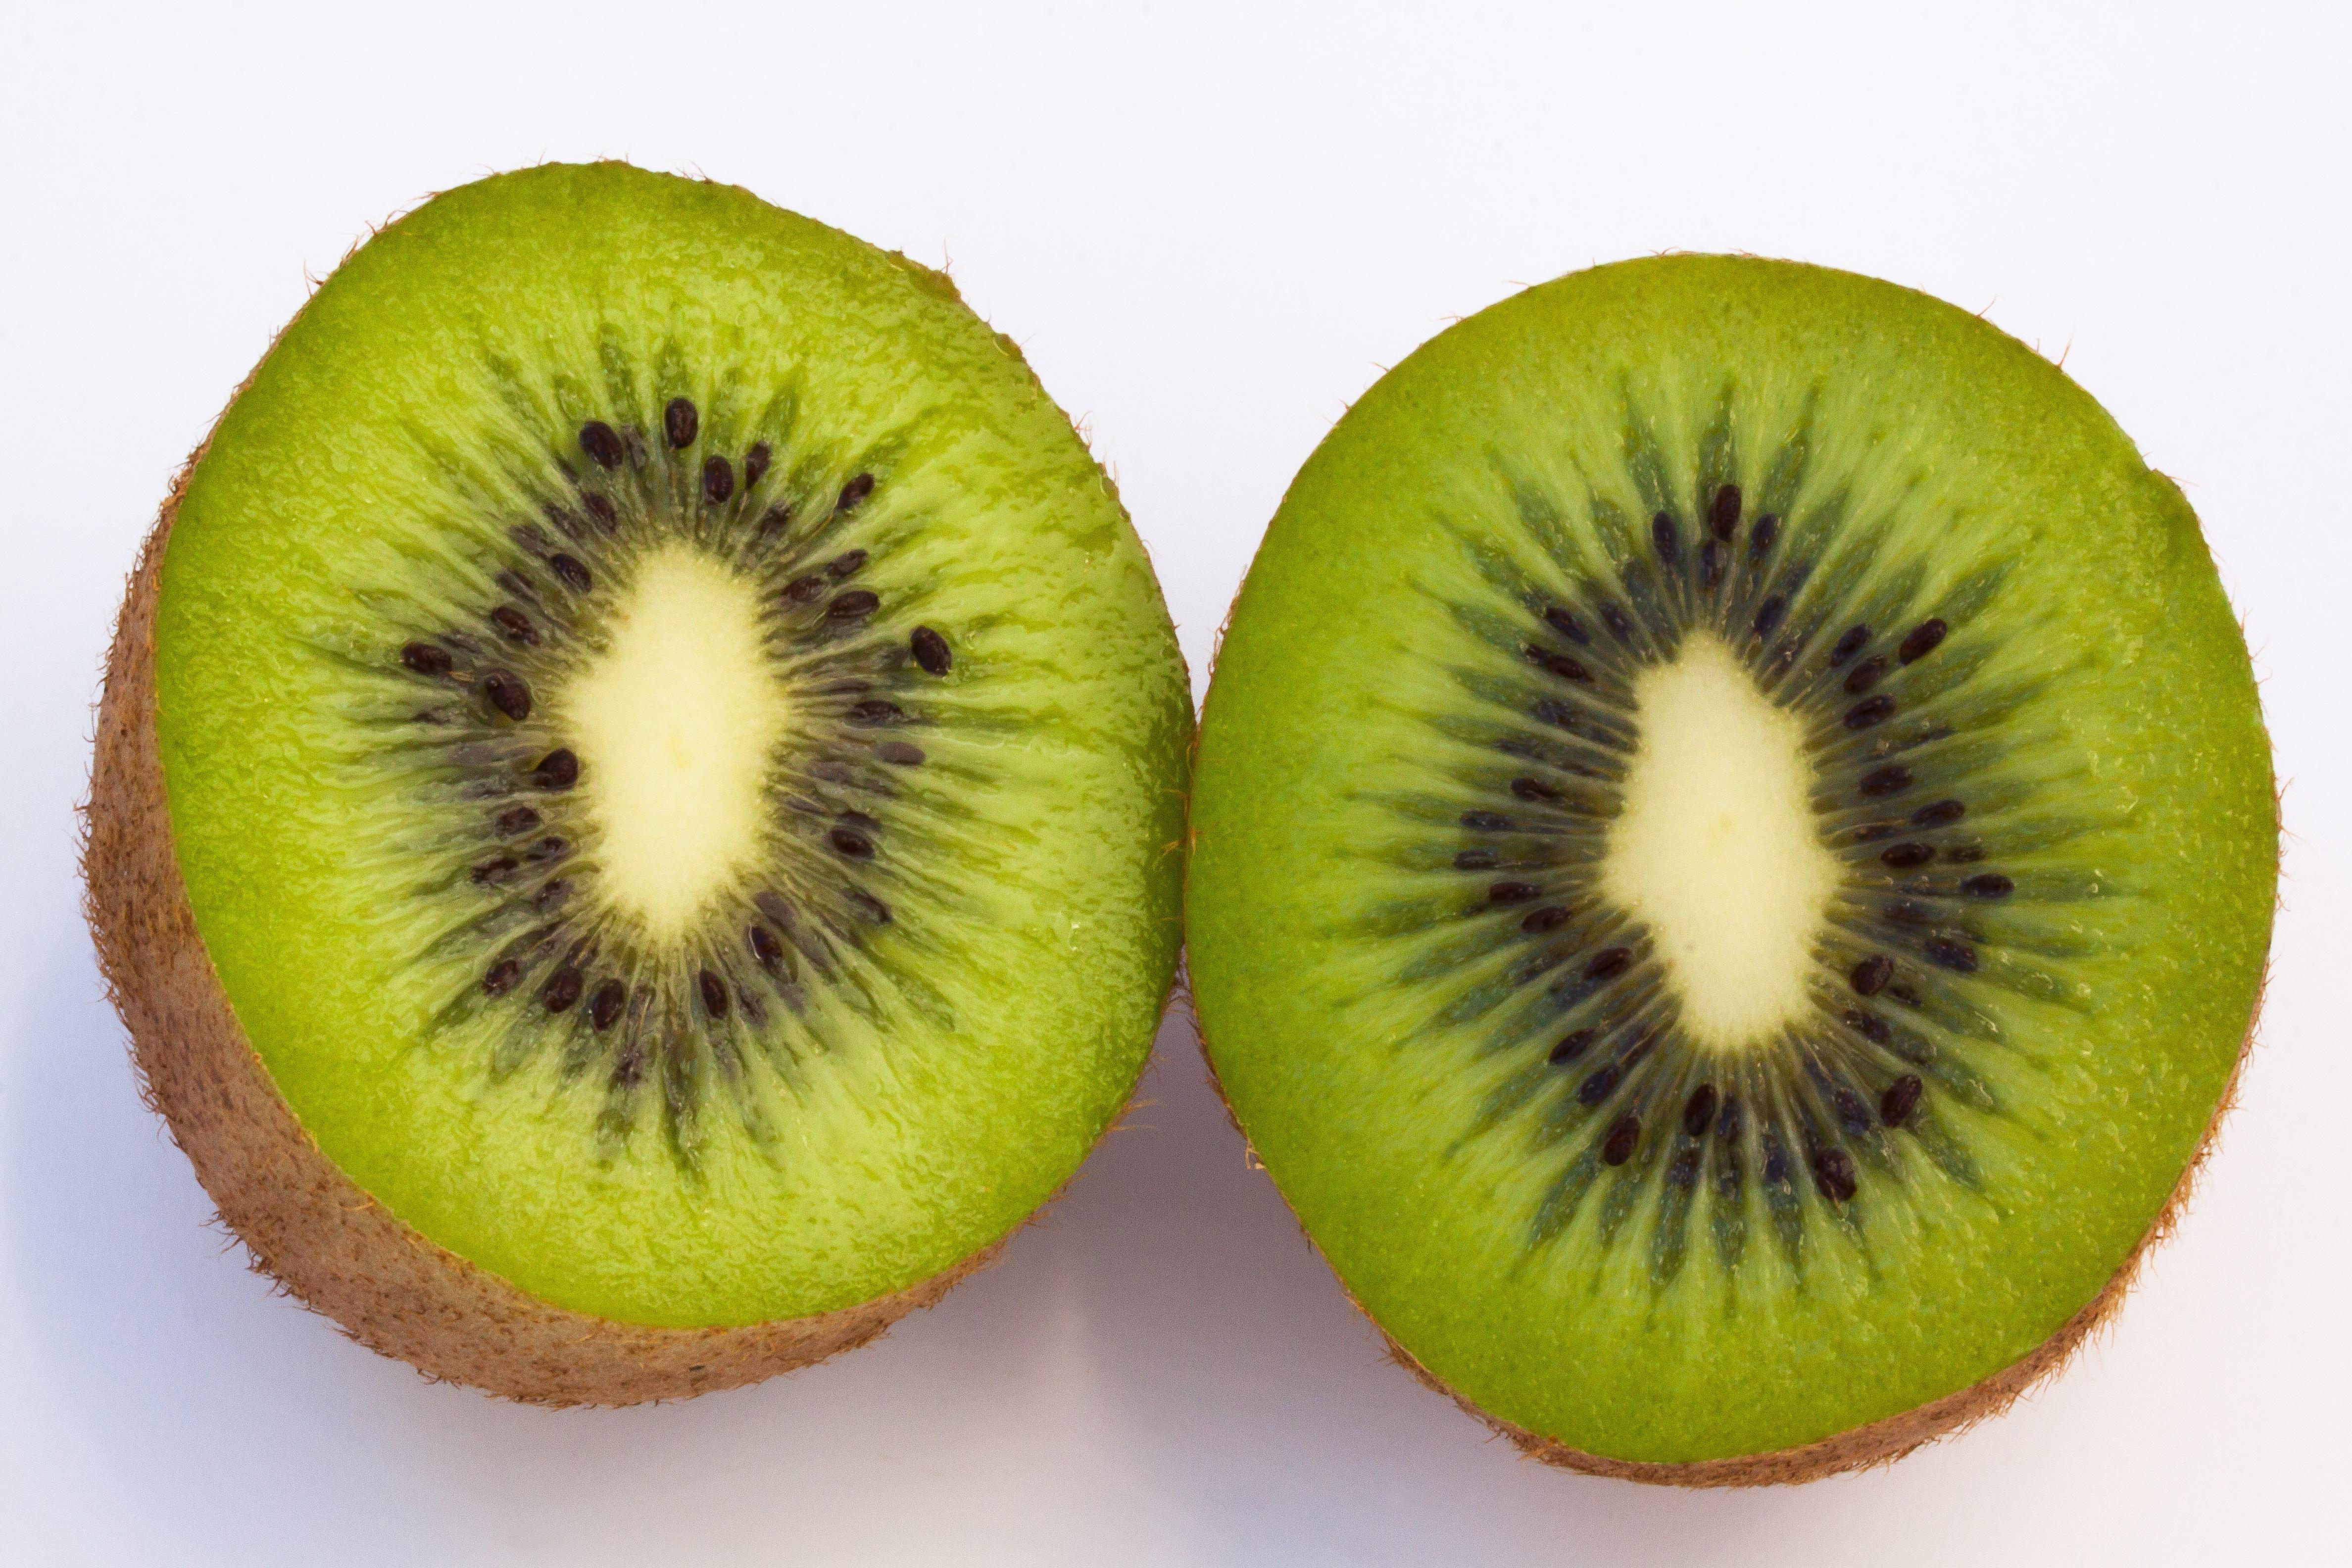 Kostenlose foto  Pflanze Frucht Lebensmittel produzieren